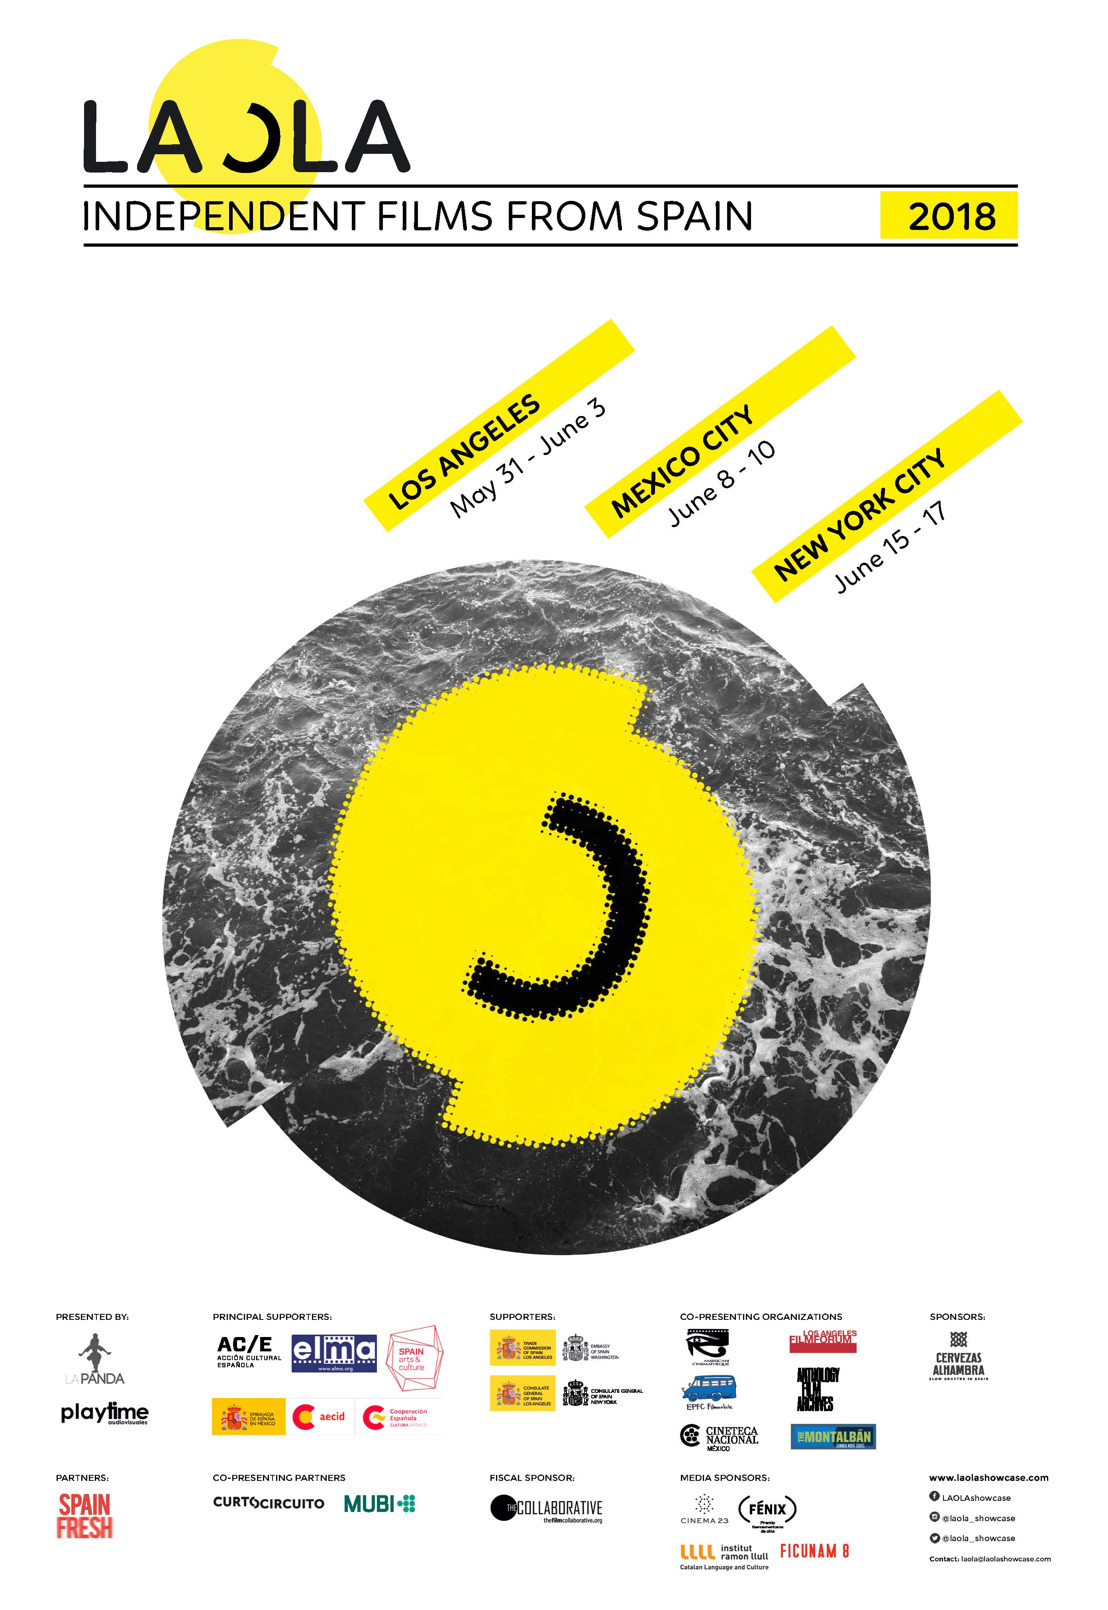 La 4ª edición de la muestra de cine independiente español LA OLA arranca el 31 de Mayo